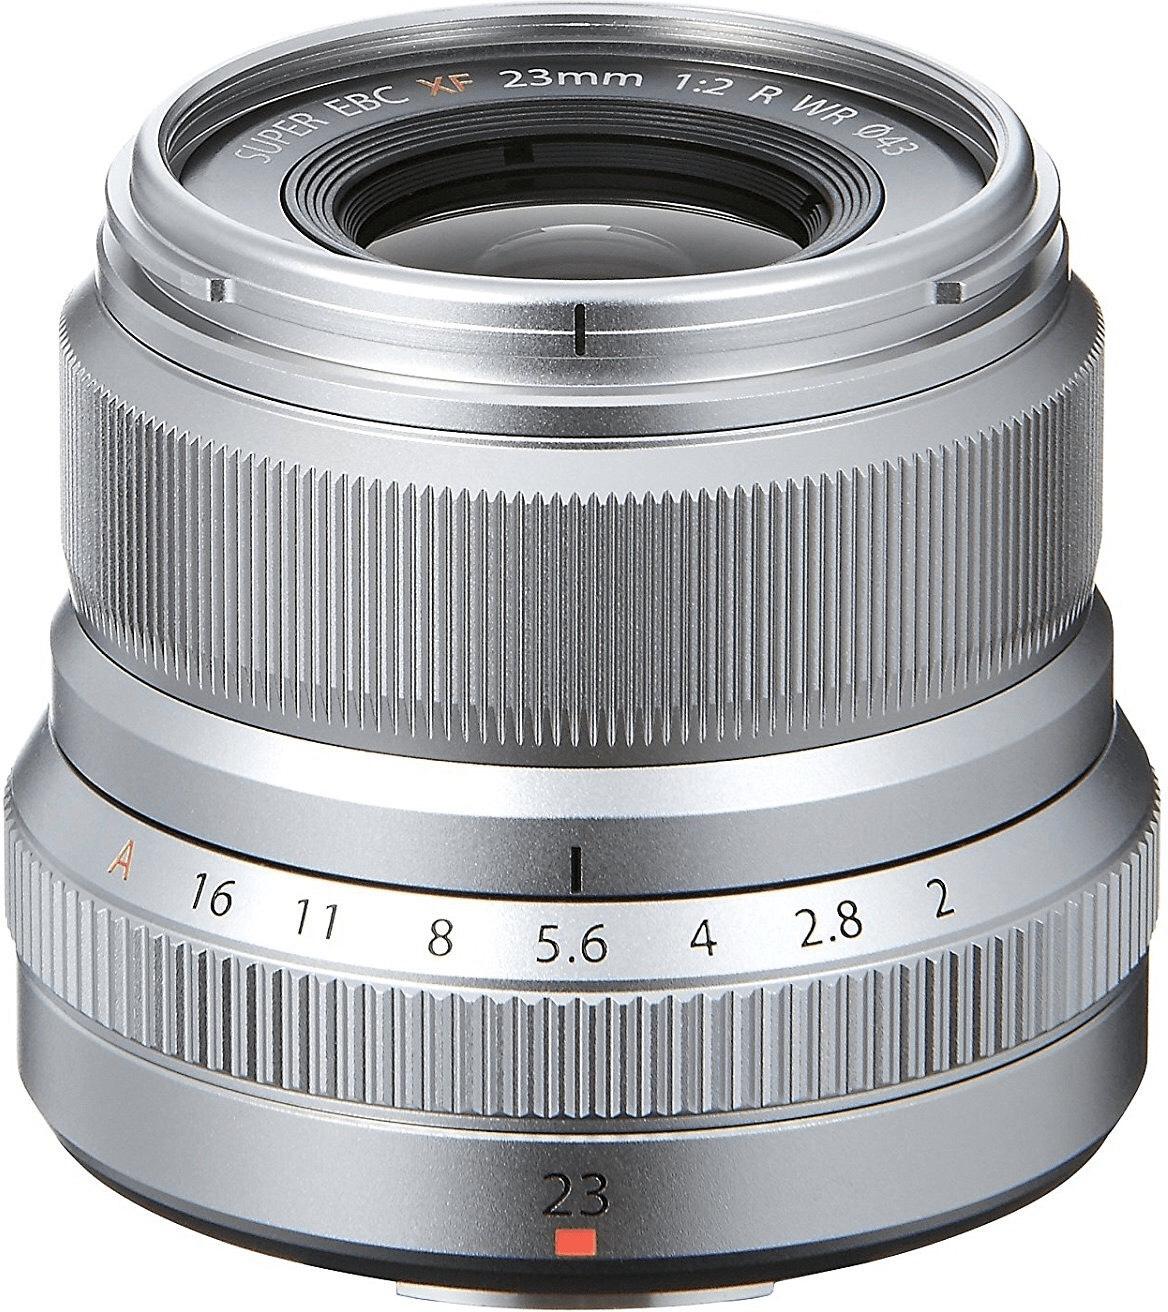 Fujifilm Fujinon XF23F2 Silber Objektiv